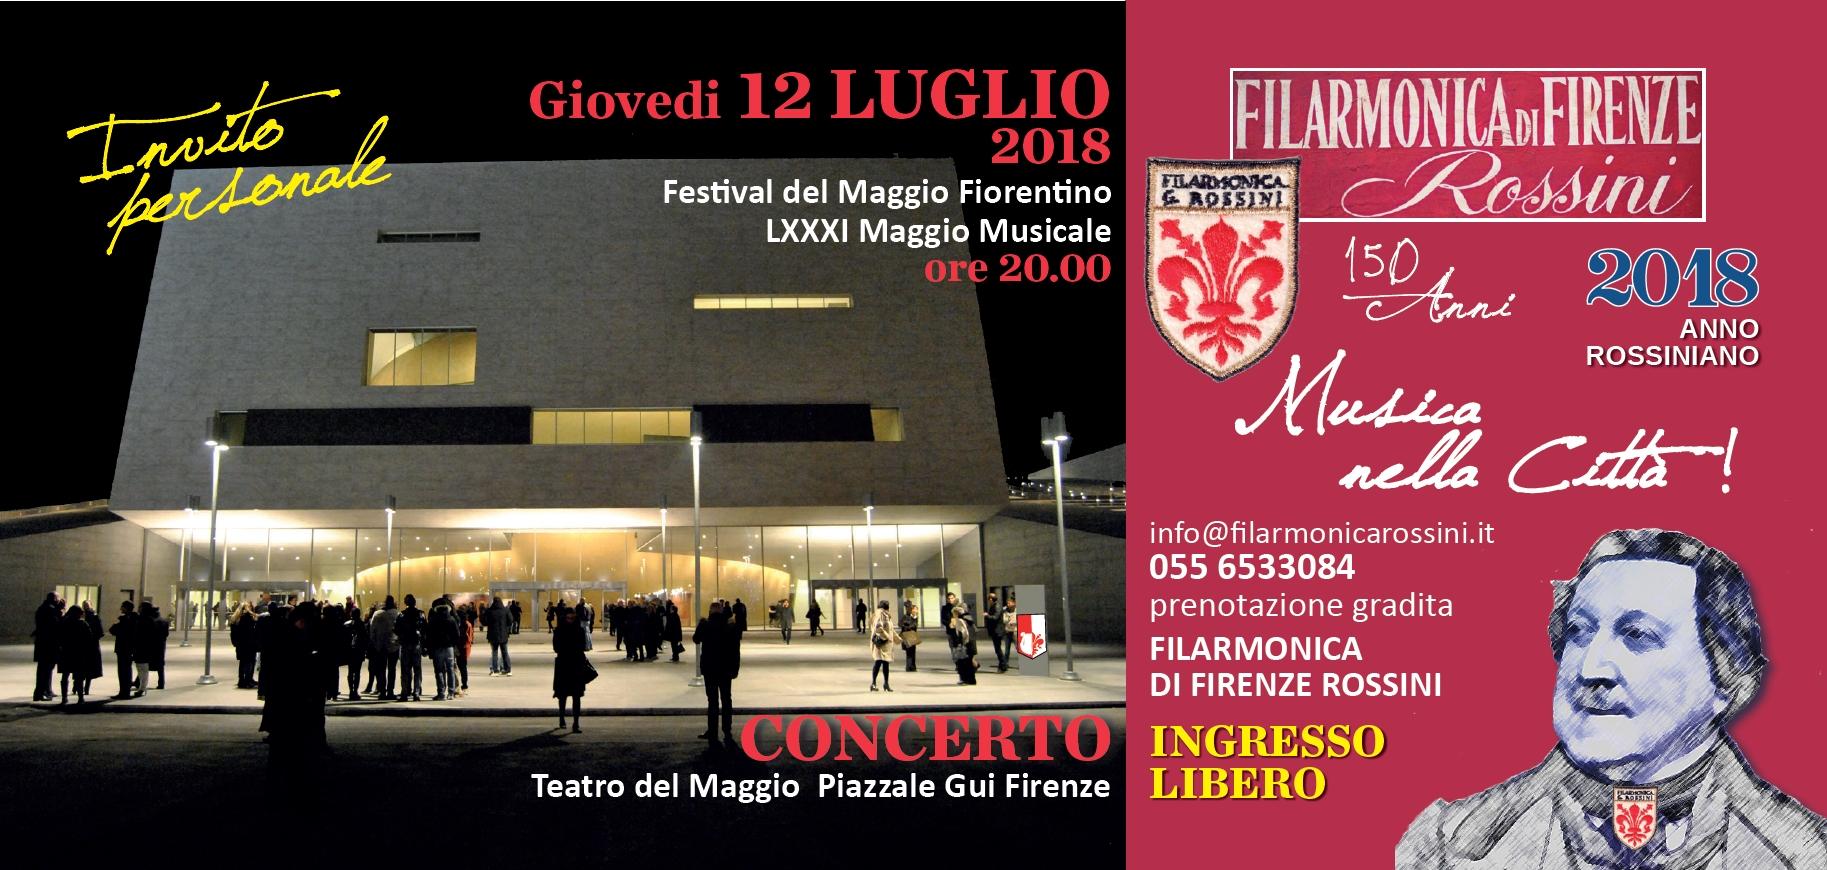 Teatro del Maggio in notturna e riferimenti Concerto